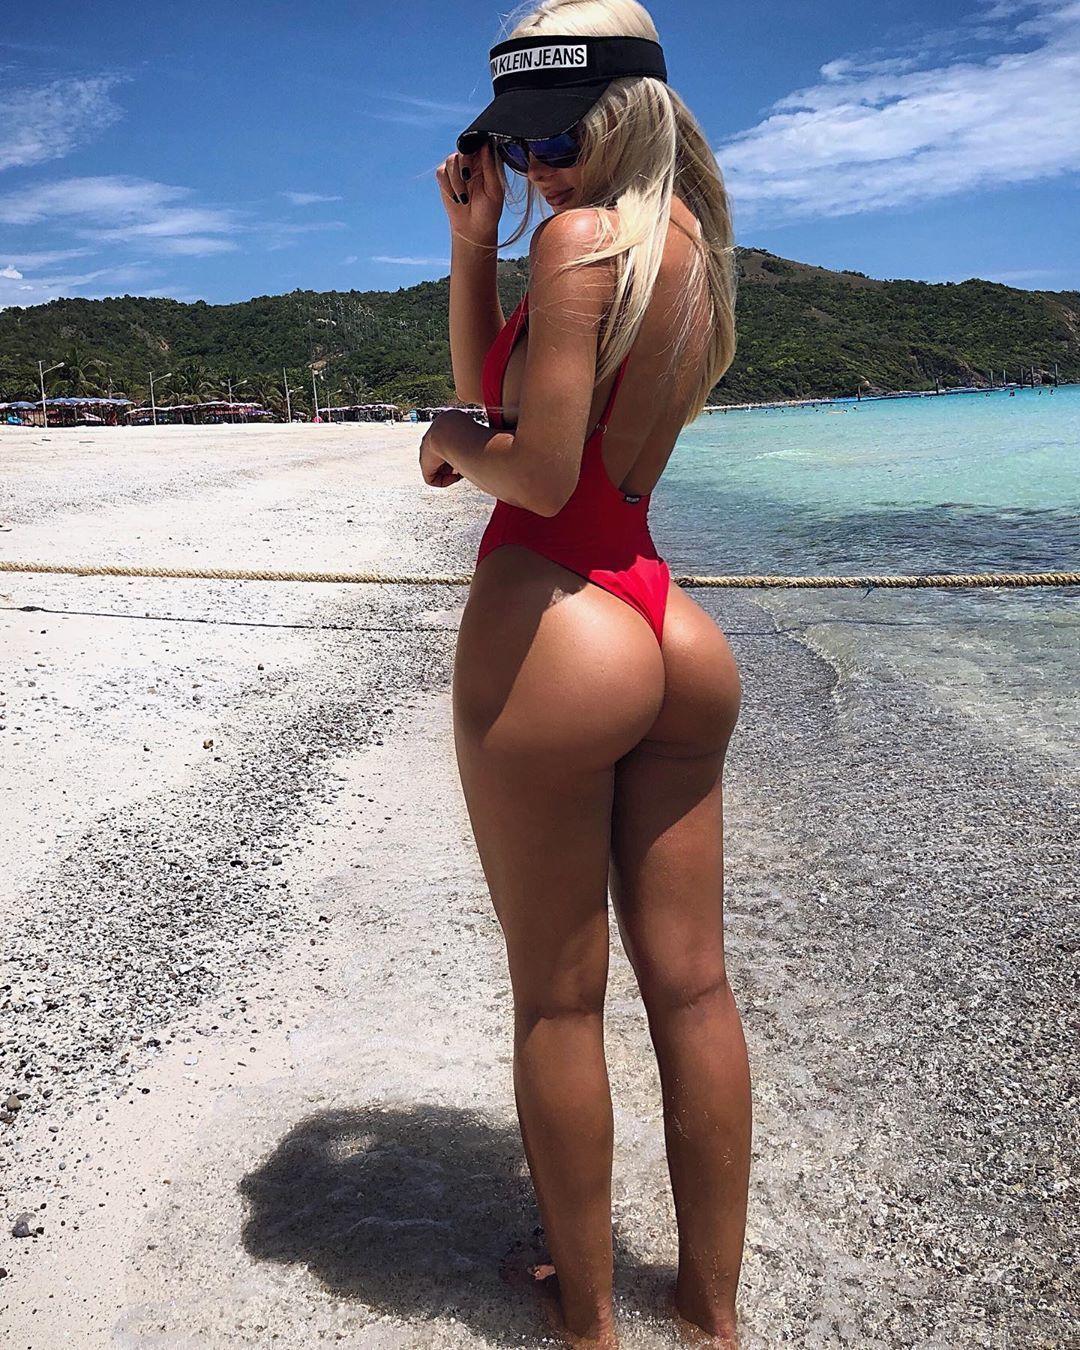 Сочная попка в красном купальнике на море